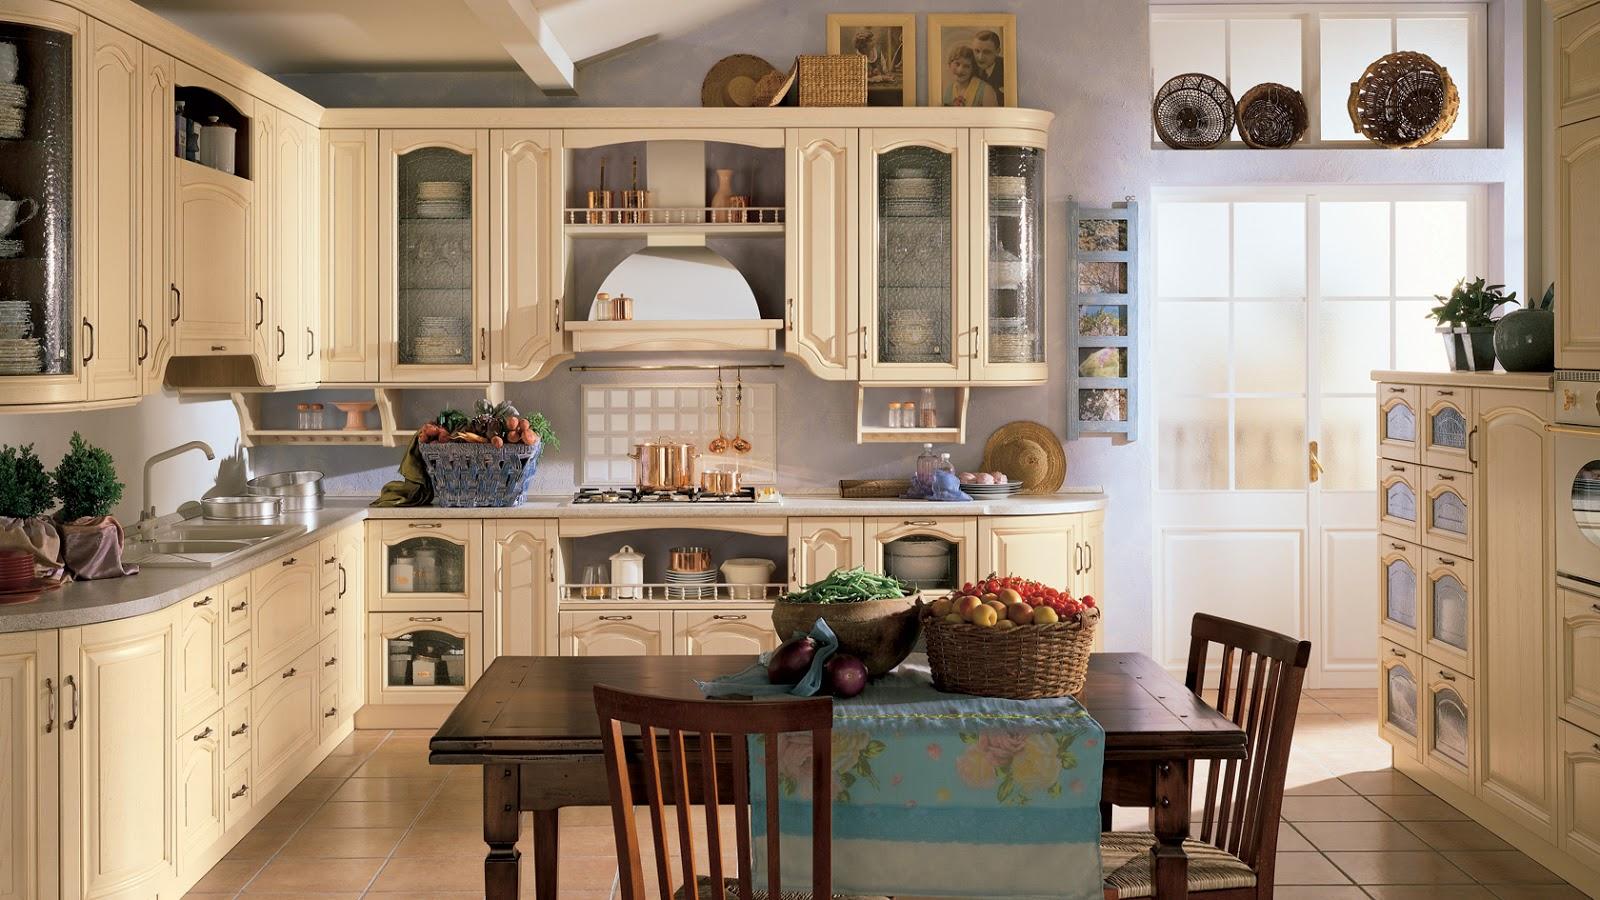 Cucine classiche: Scavolini Margot, cucina classica elegante.